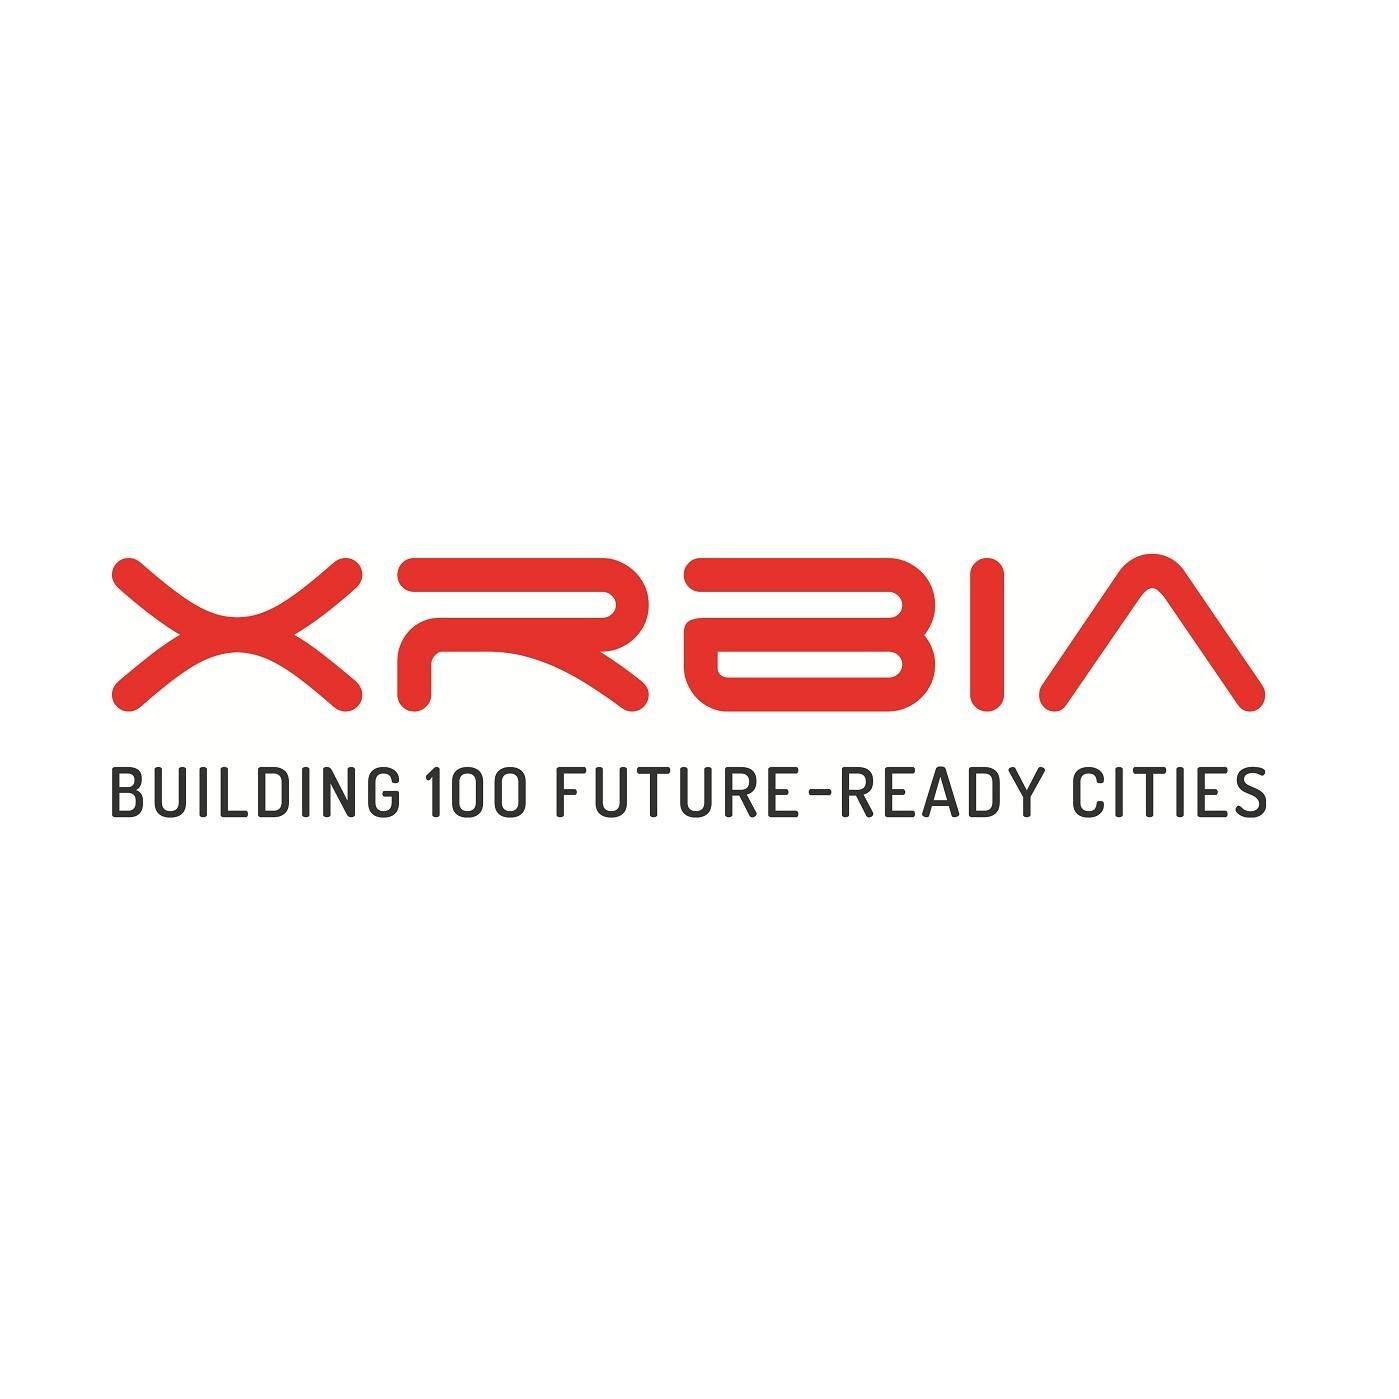 Xrbia Real Estate Developer Image